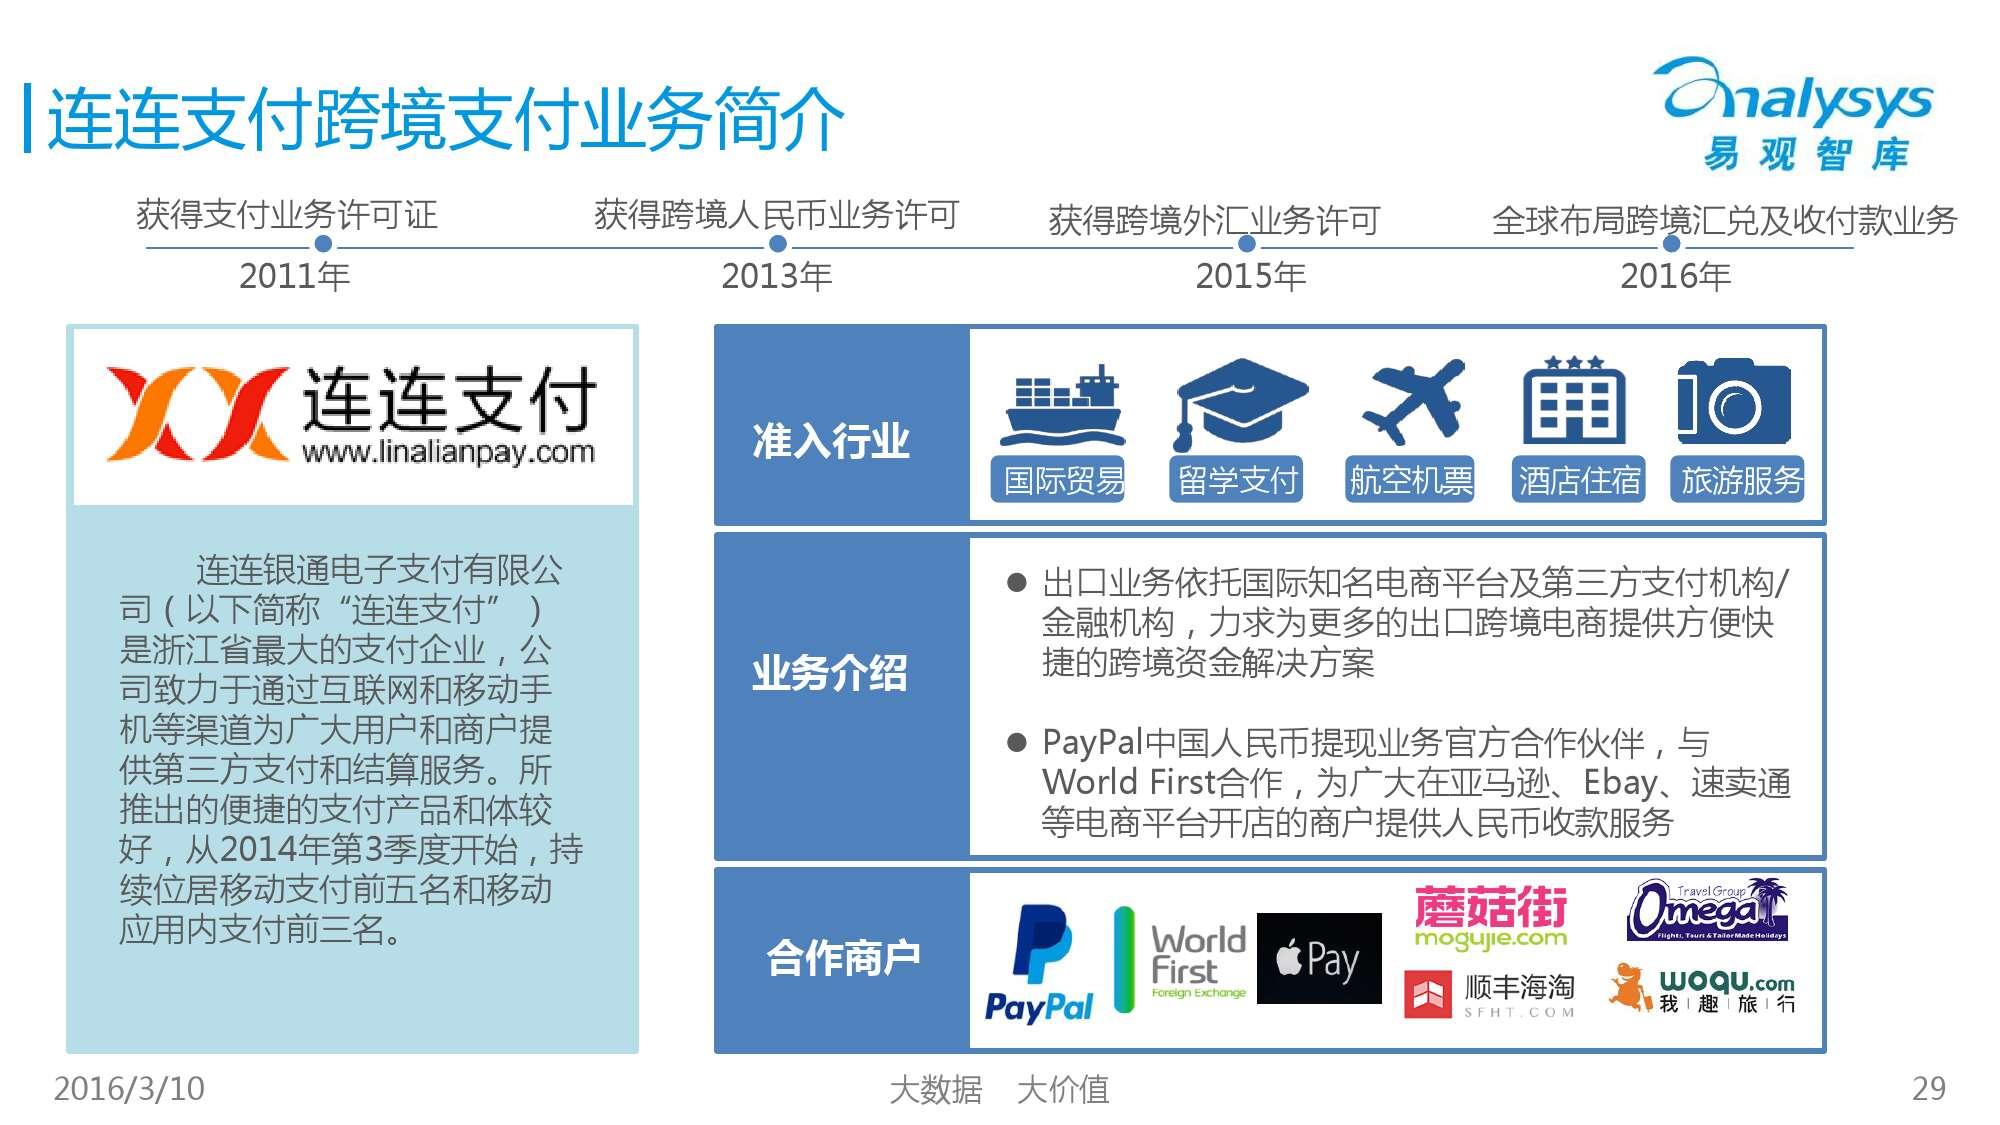 中国跨境支付市场专题研究报告2016_000029